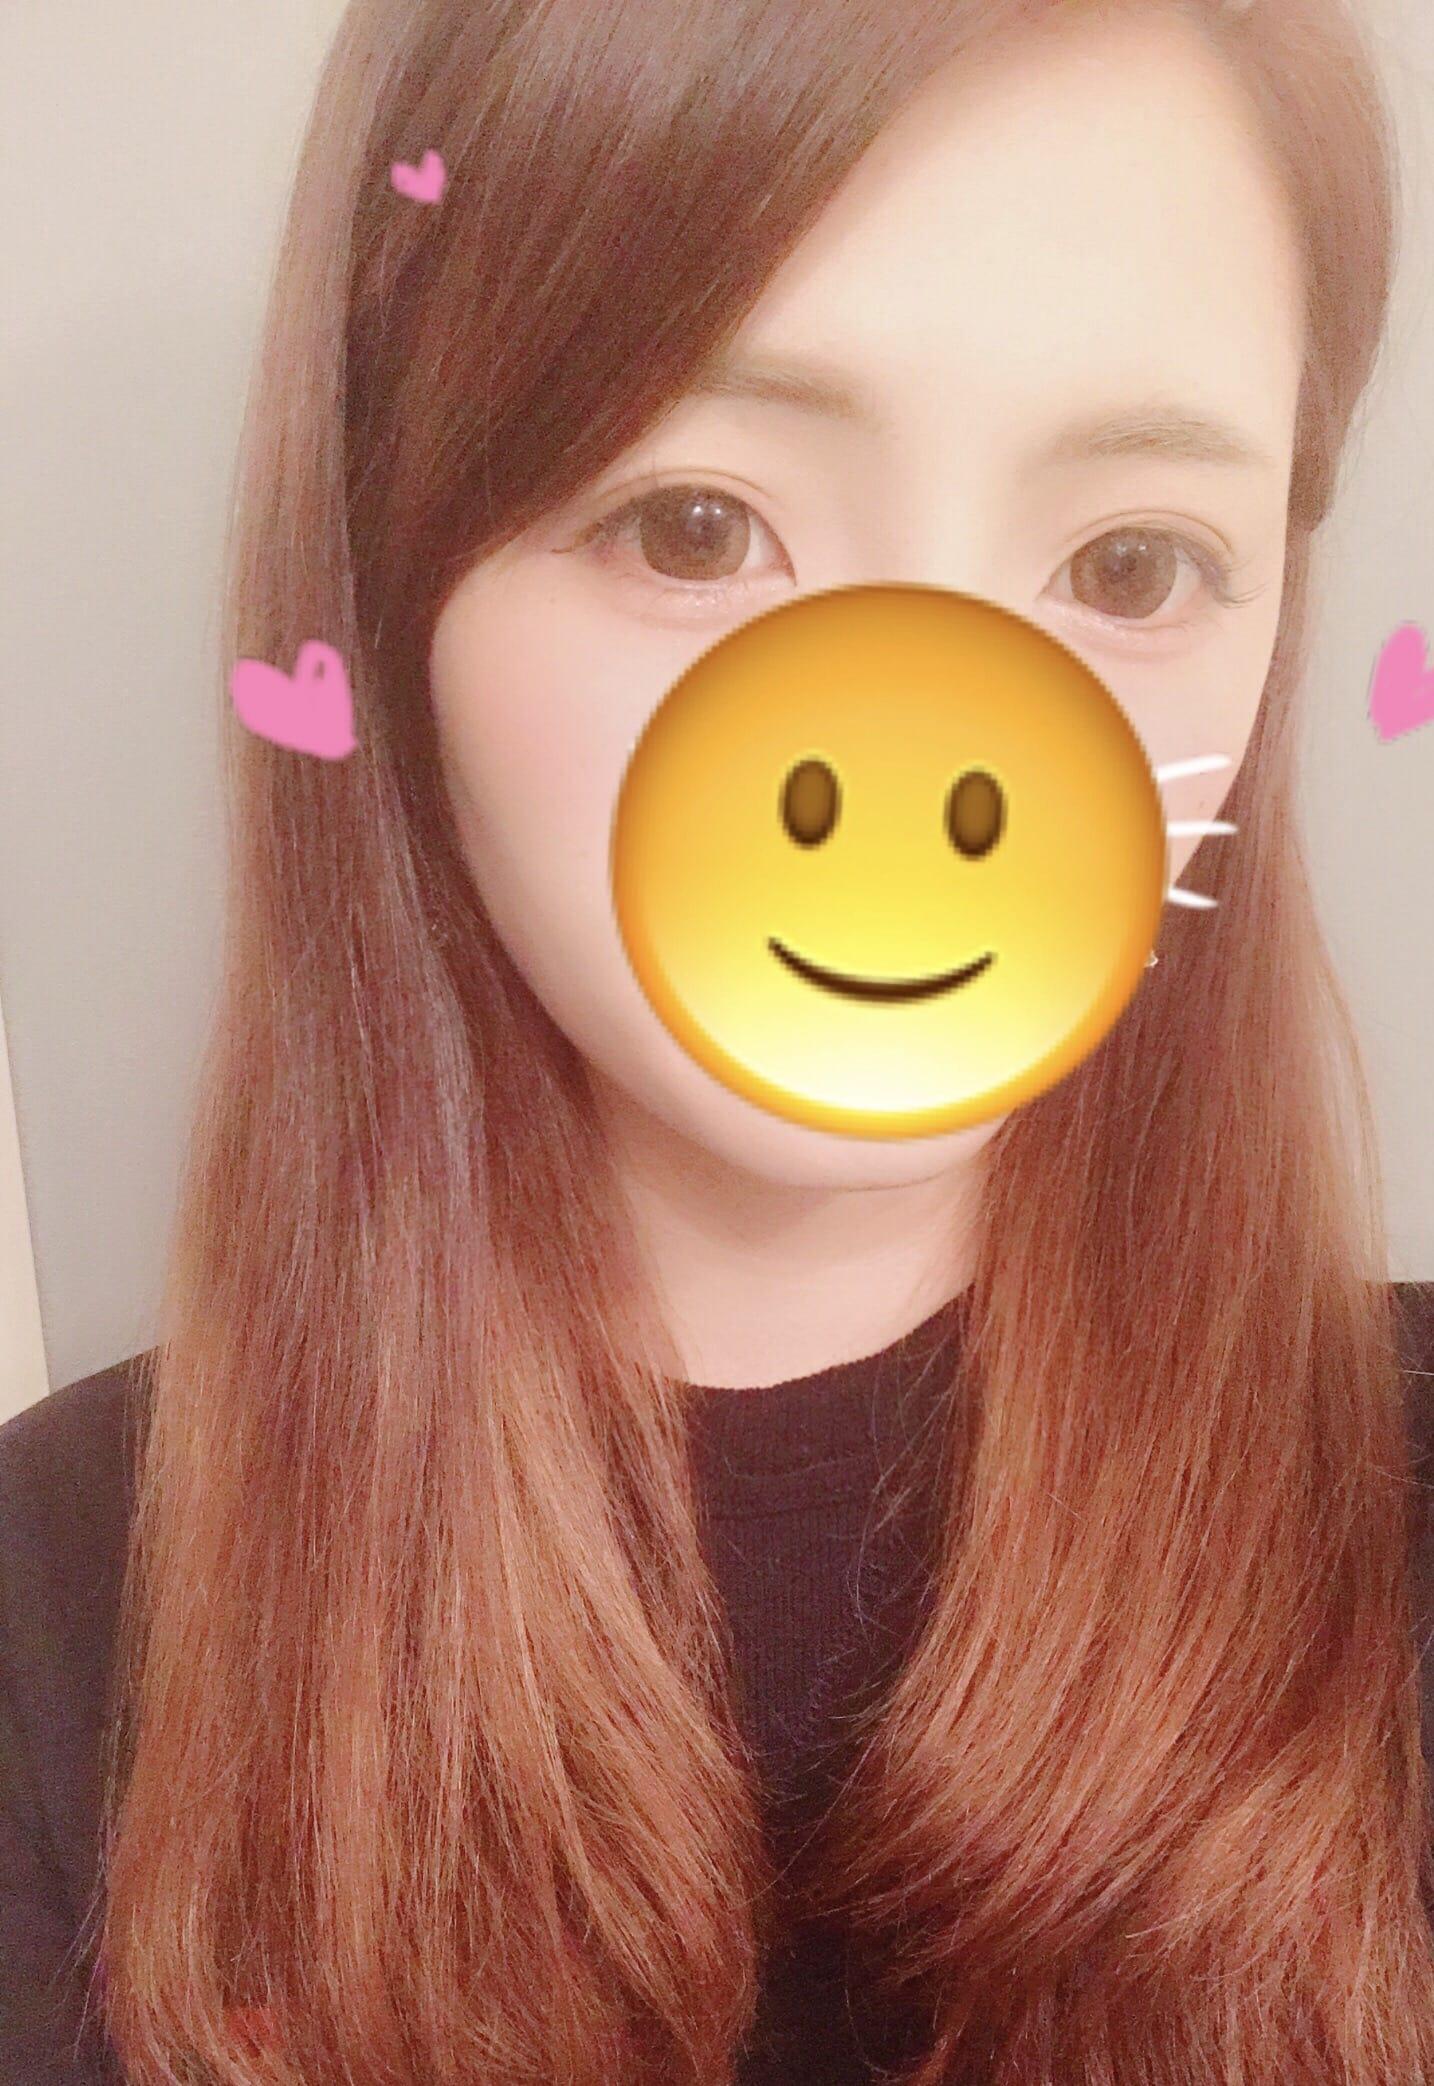 「雨だあヽ(;▽;)ノ」10/06(10/06) 18:08 | りんかの写メ・風俗動画